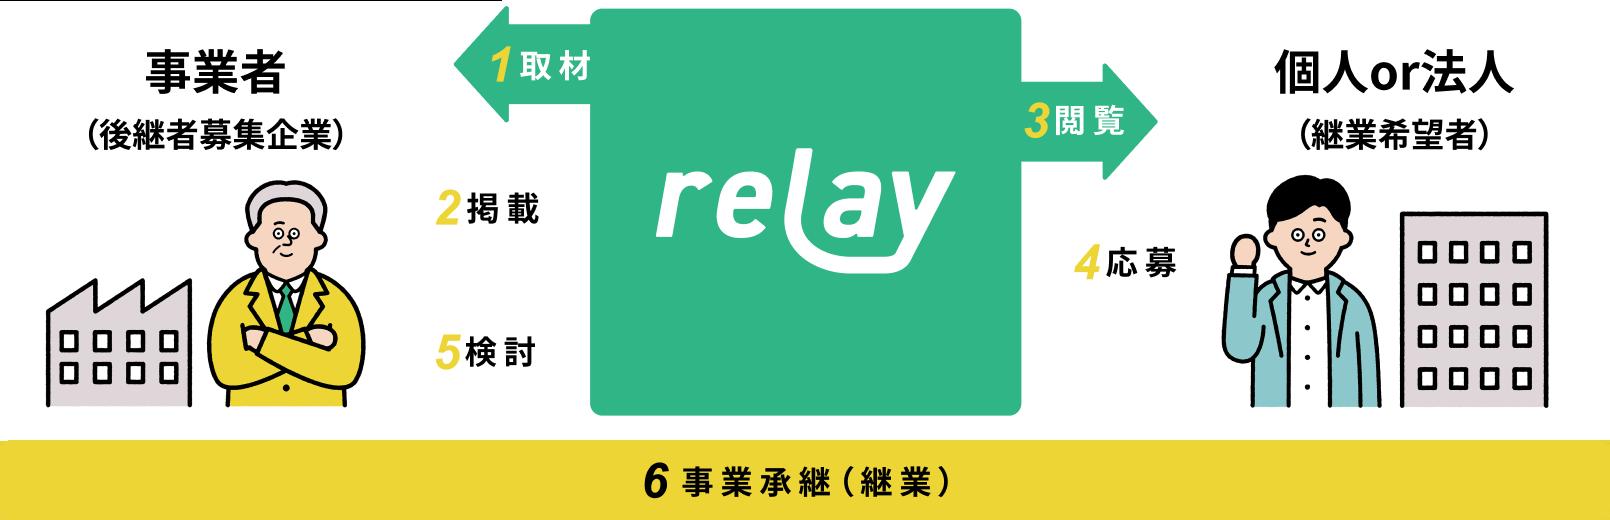 「relay」についてのイメージ図